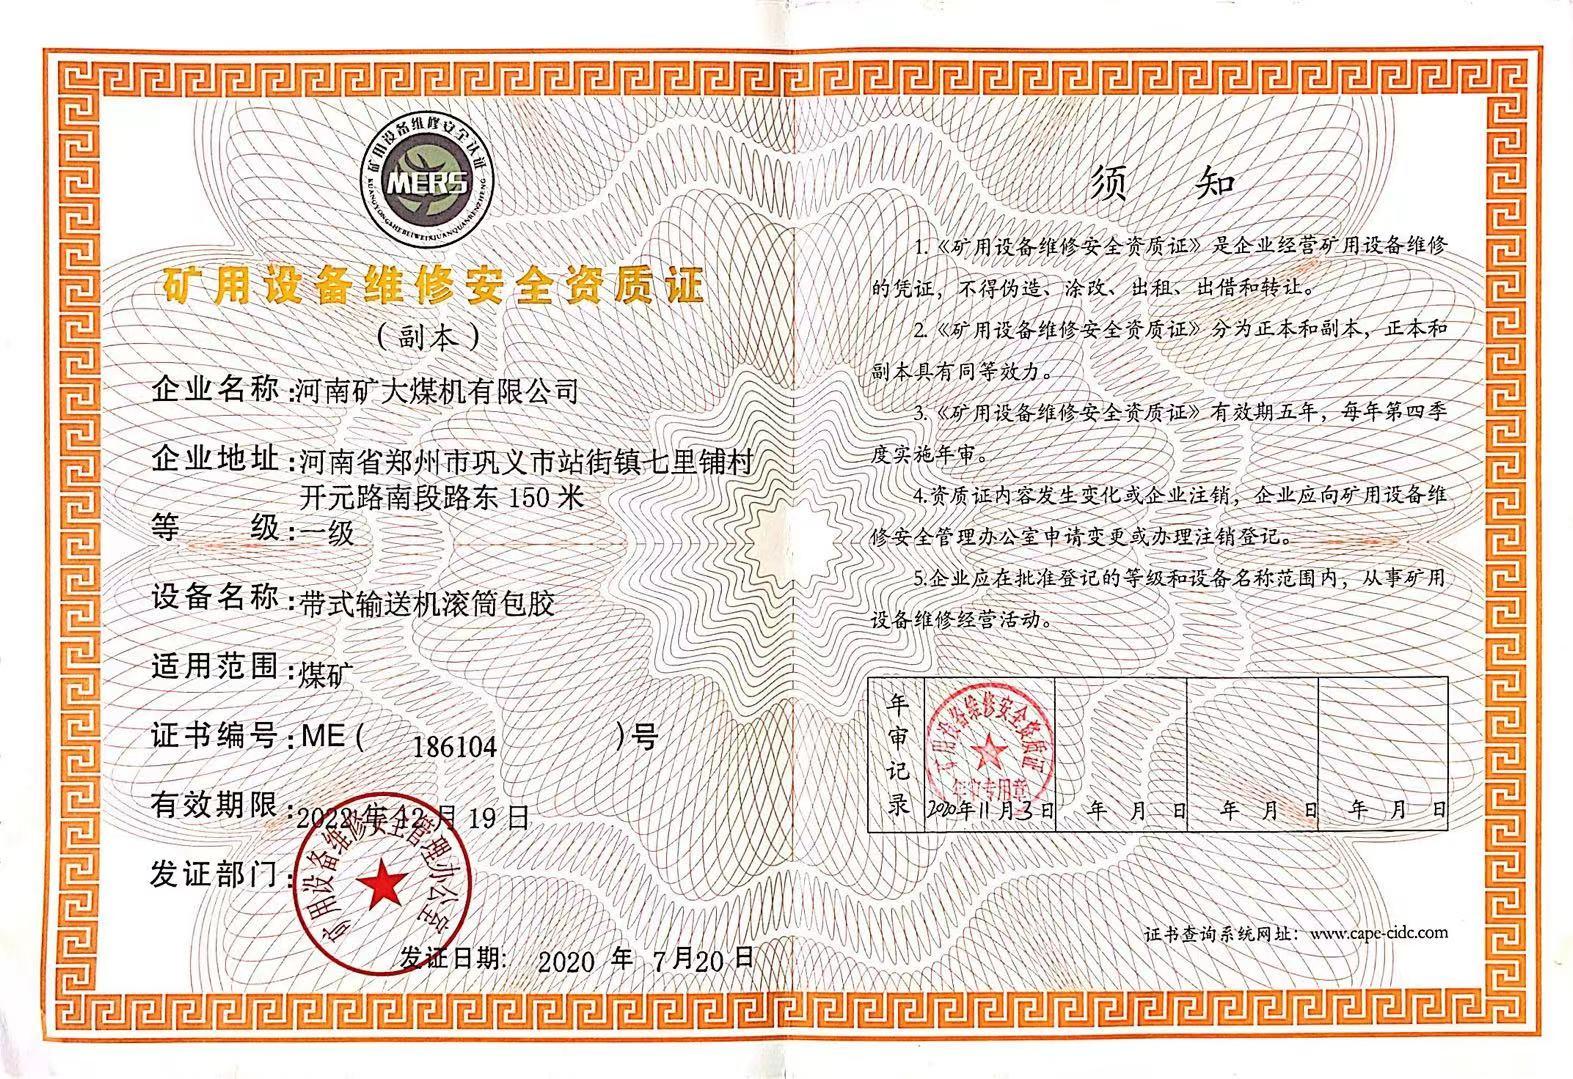 矿用设备维修安全资质证